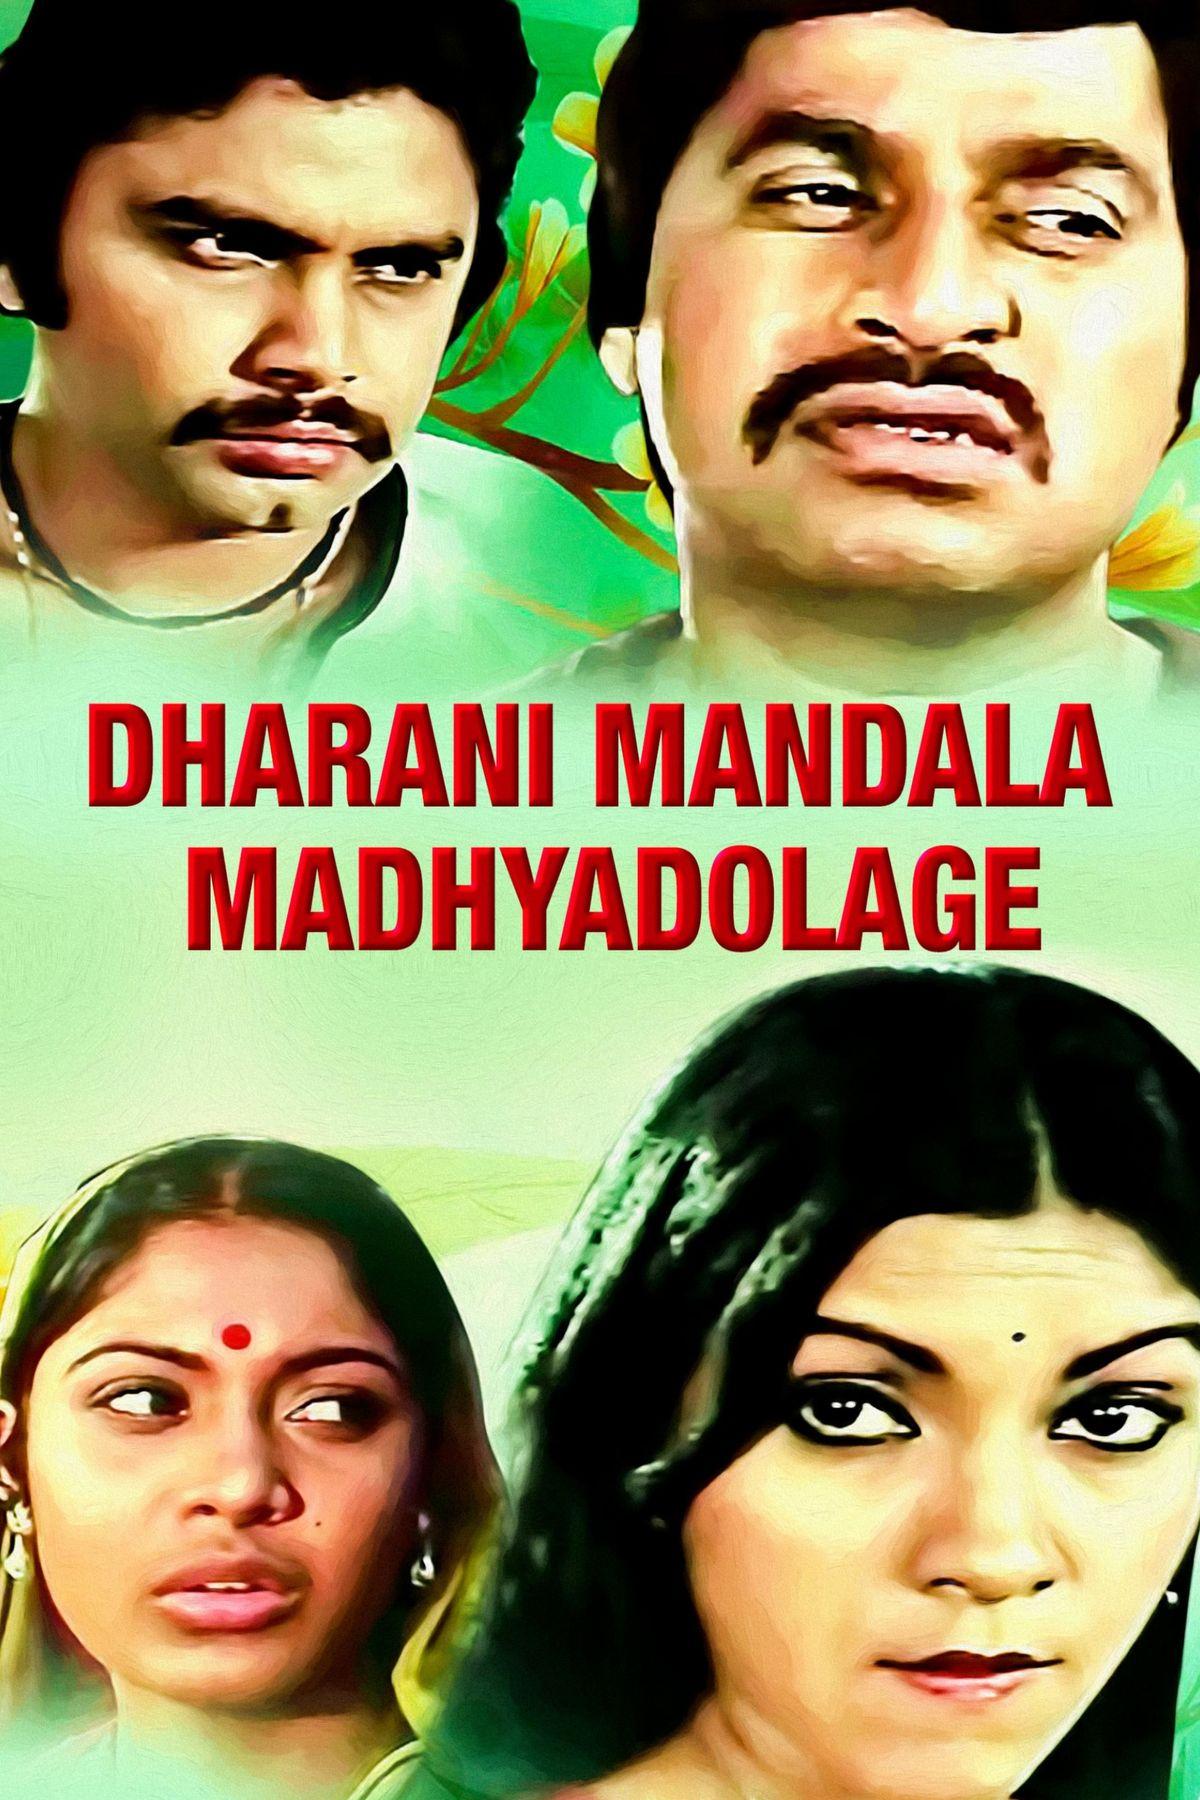 Dharani Mandala Madhyadolage